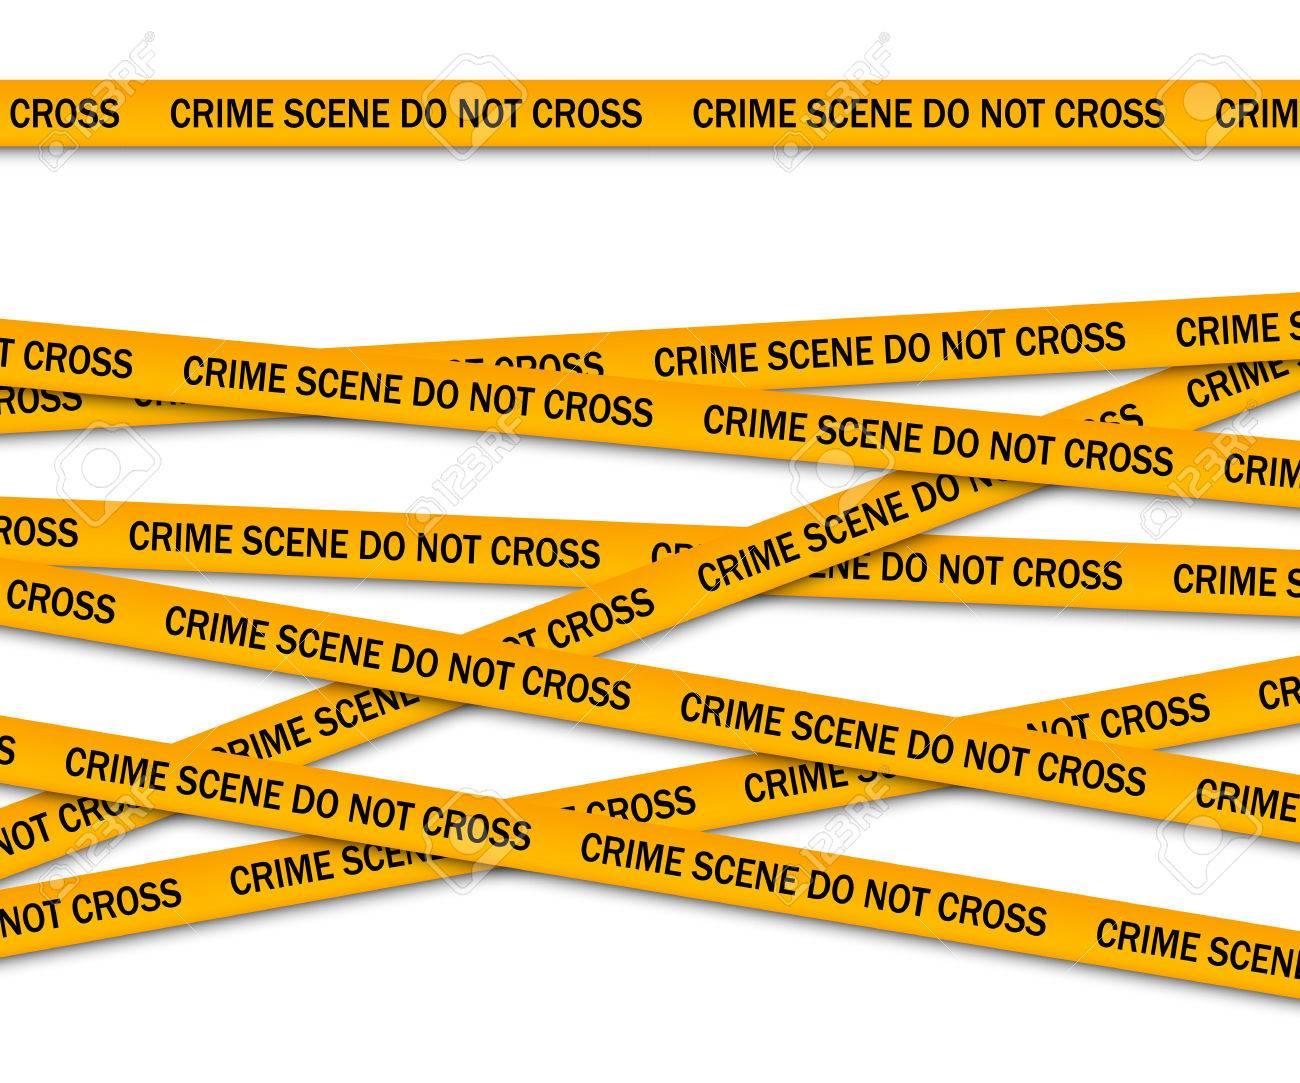 crime scene do not cross yellow police tape vector illustration